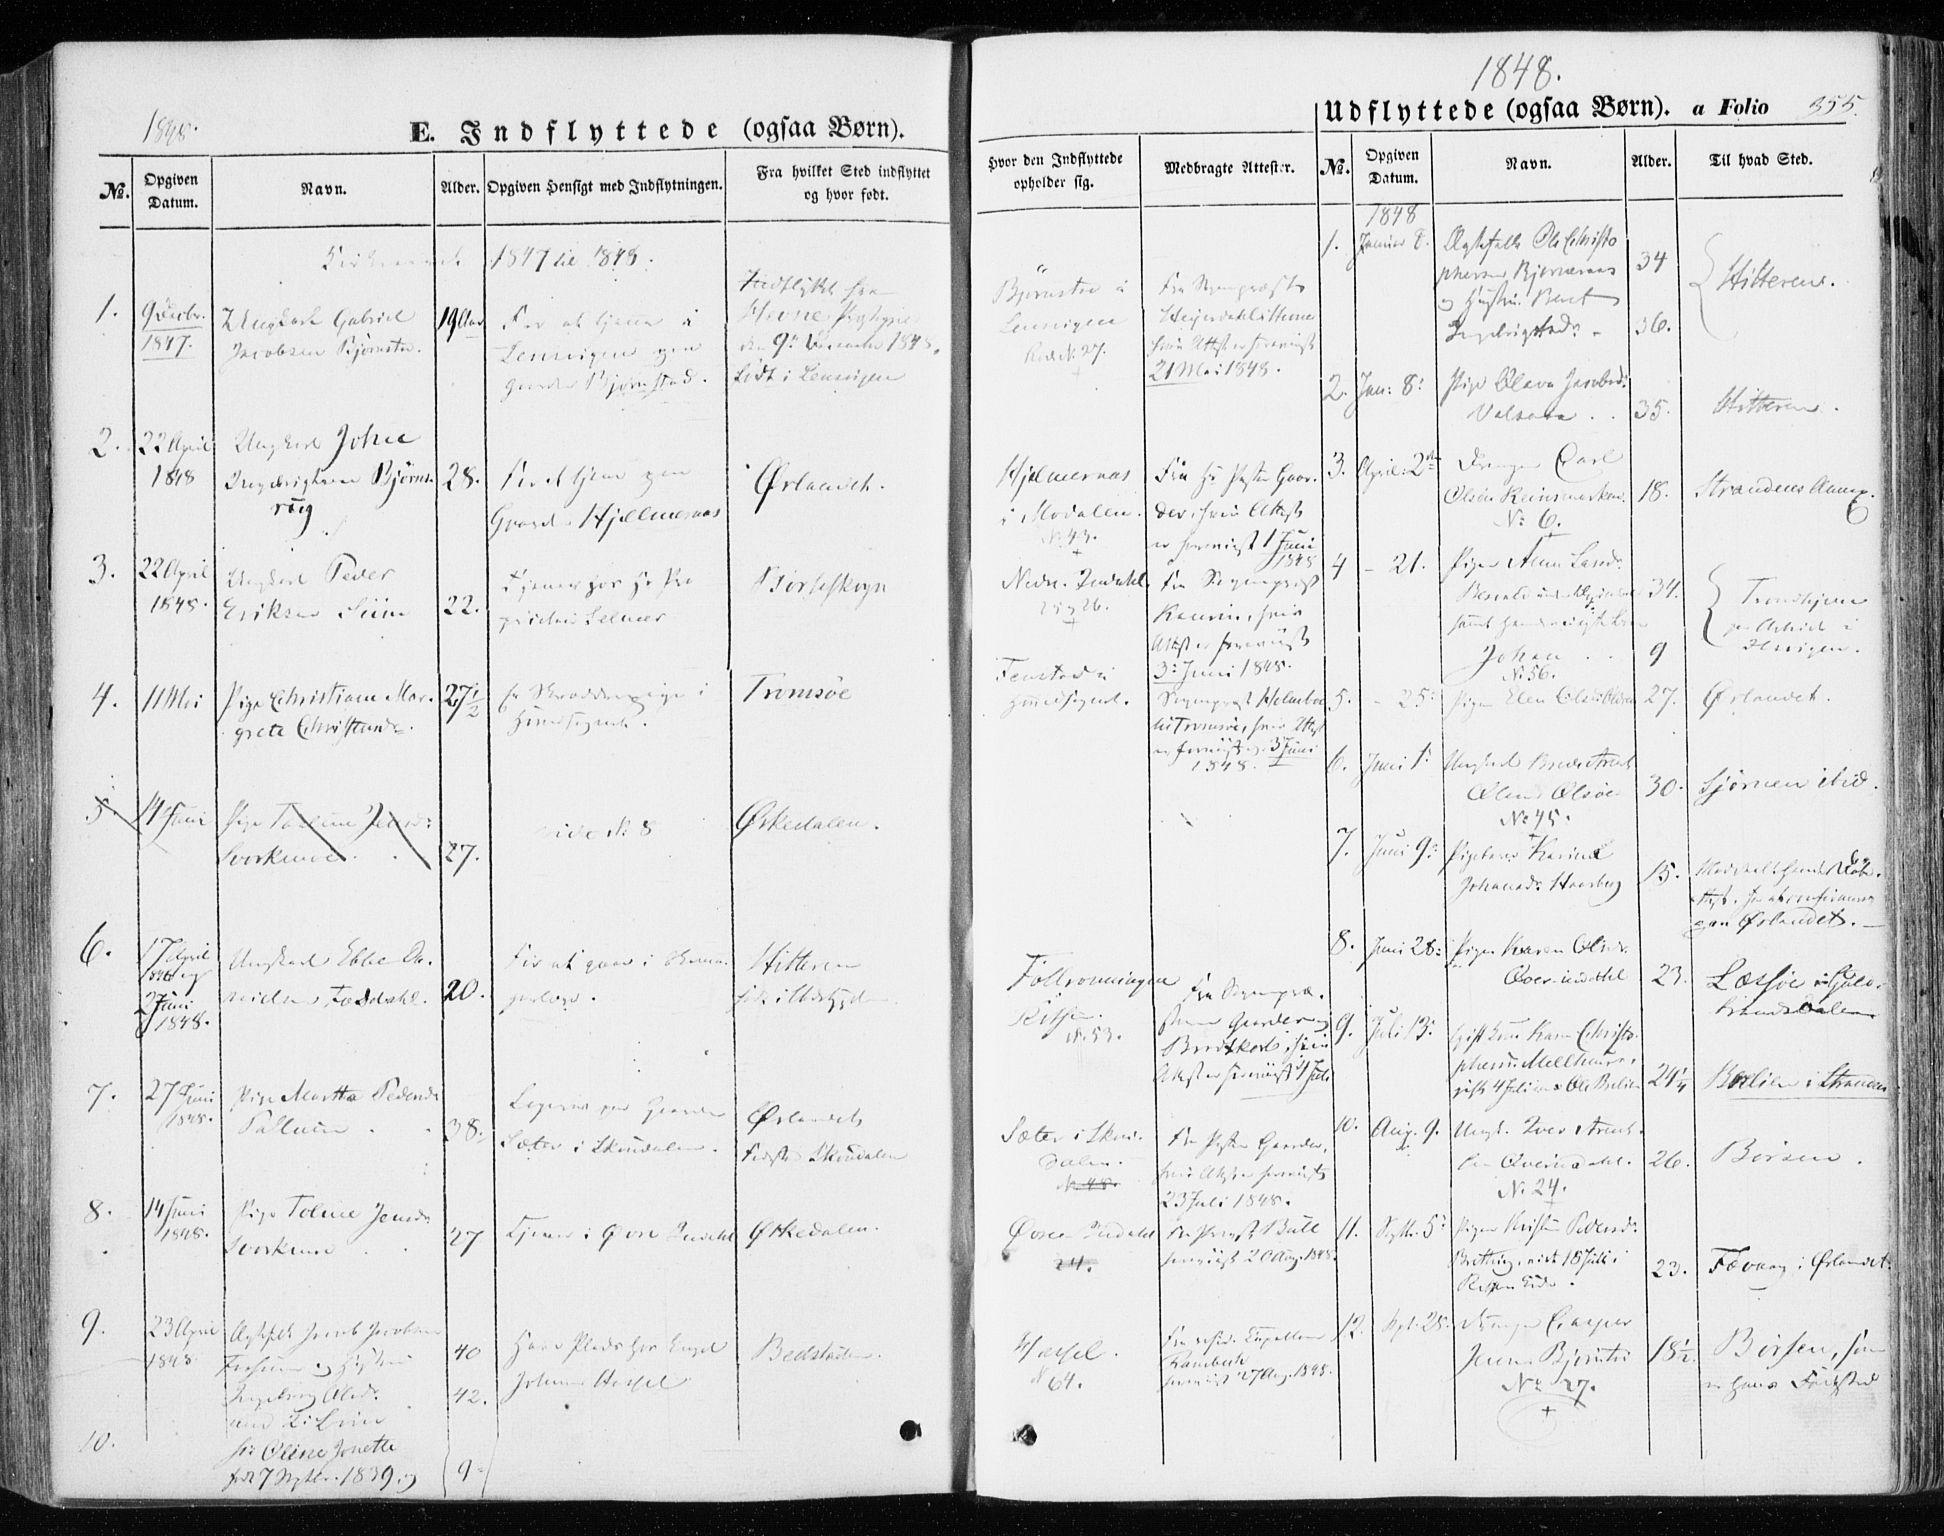 SAT, Ministerialprotokoller, klokkerbøker og fødselsregistre - Sør-Trøndelag, 646/L0611: Ministerialbok nr. 646A09, 1848-1857, s. 355